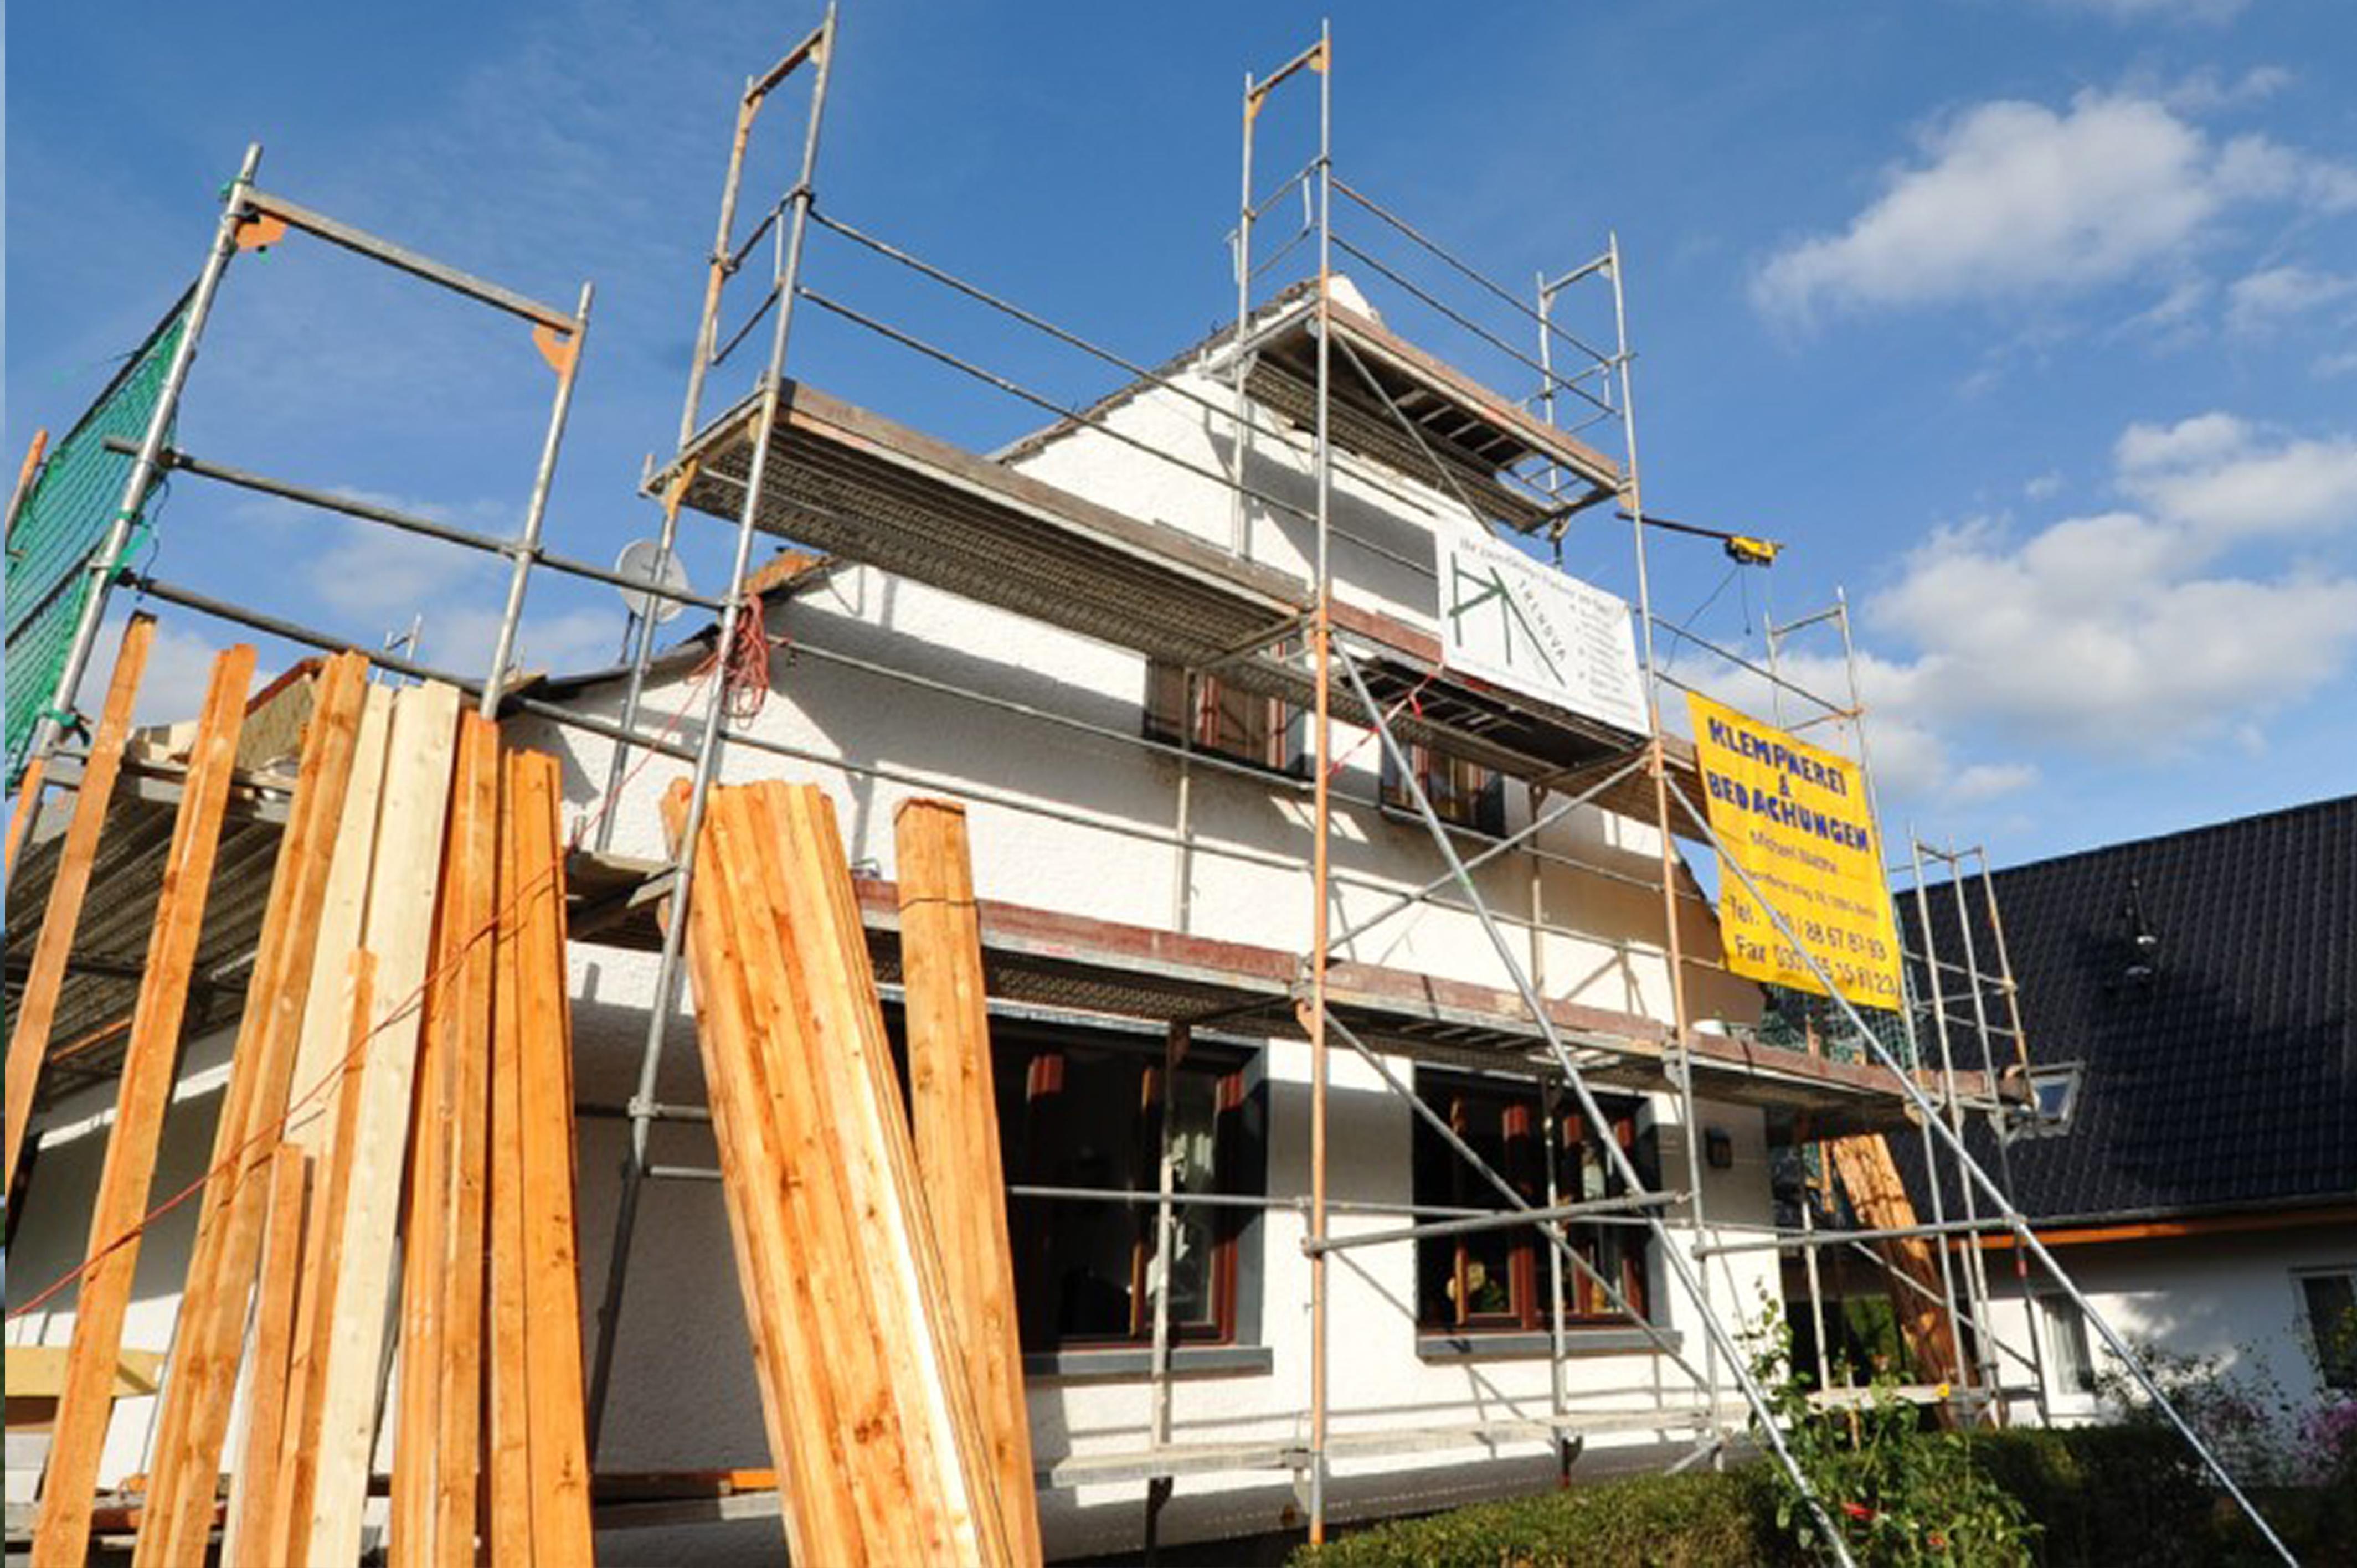 Energieberatung Privatpersonen Wohngebäude